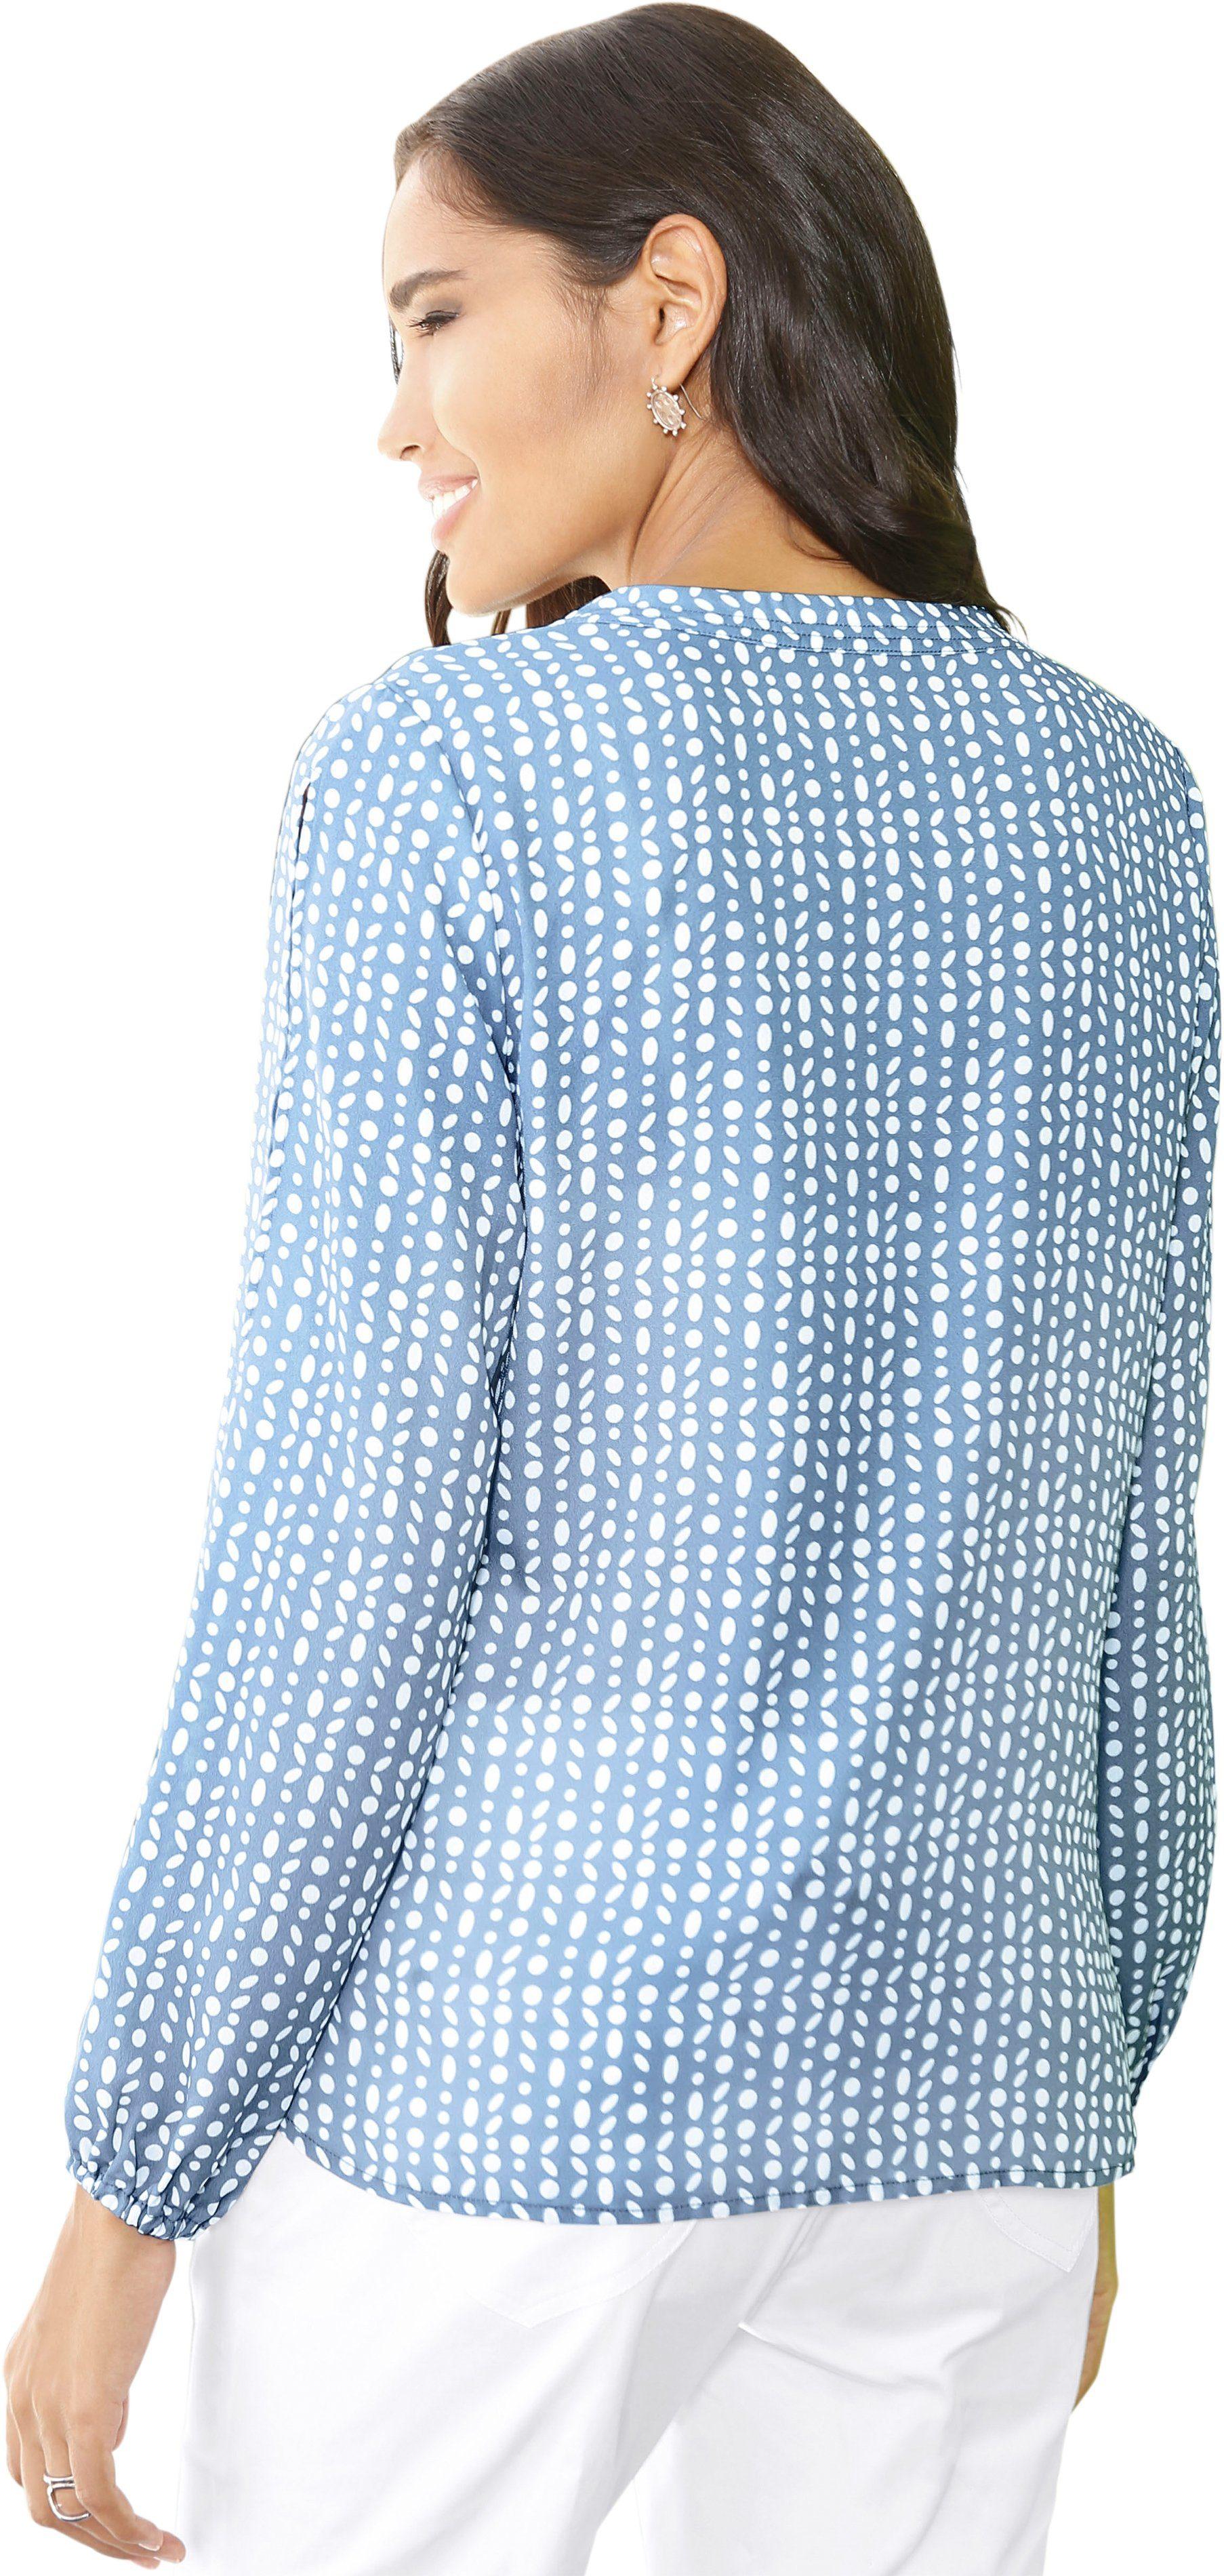 Kaufen Online Bluse Topaktuellem Inspirationen Minimaldessin Classic In TlF13uJcK